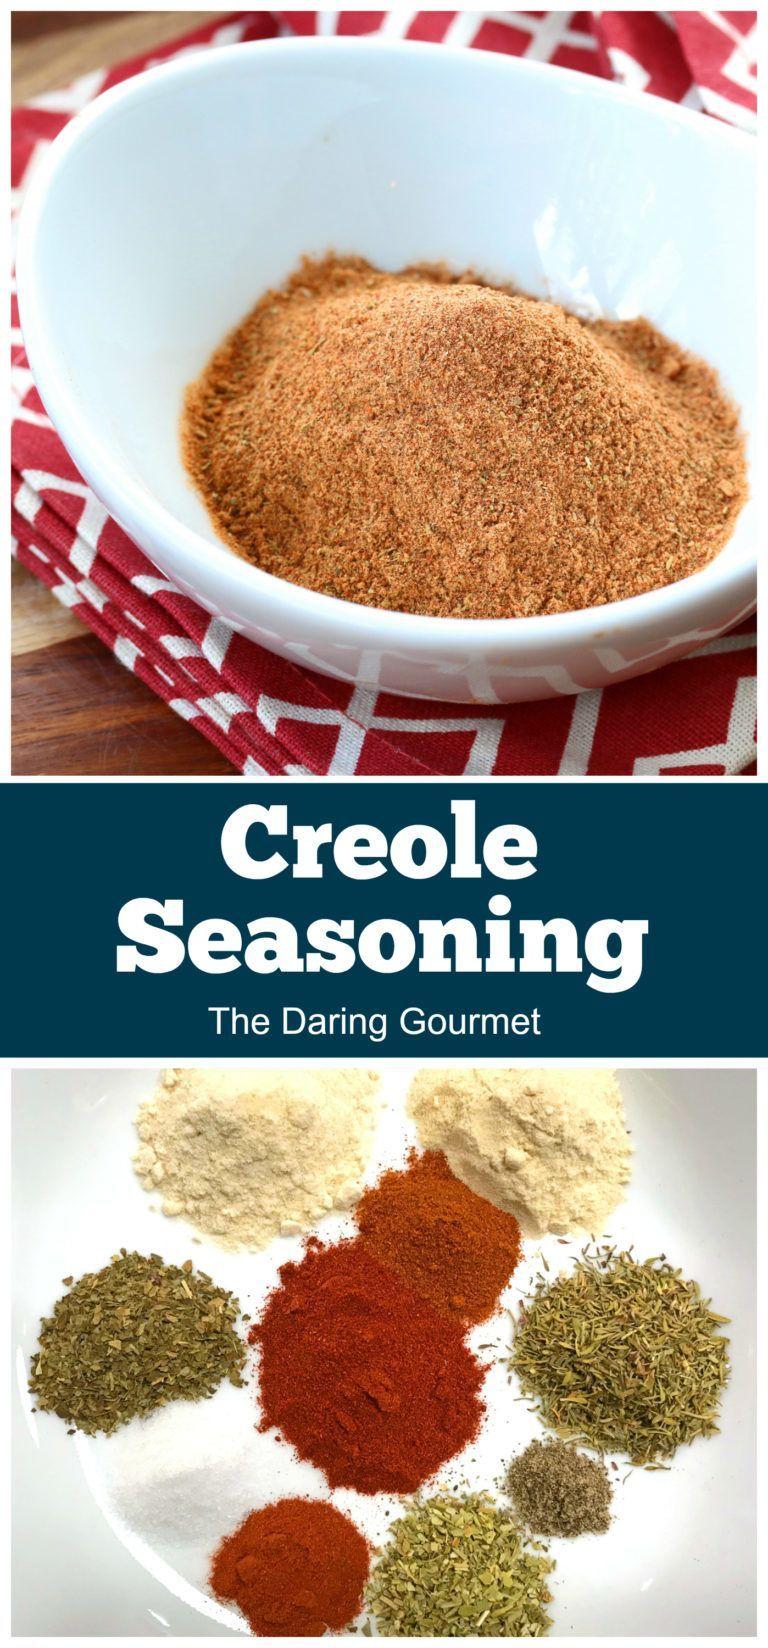 Creole Seasoning Recipe The Daring Gourmet Recipe In 2020 Creole Seasoning Seasoning Recipes Creole Recipes